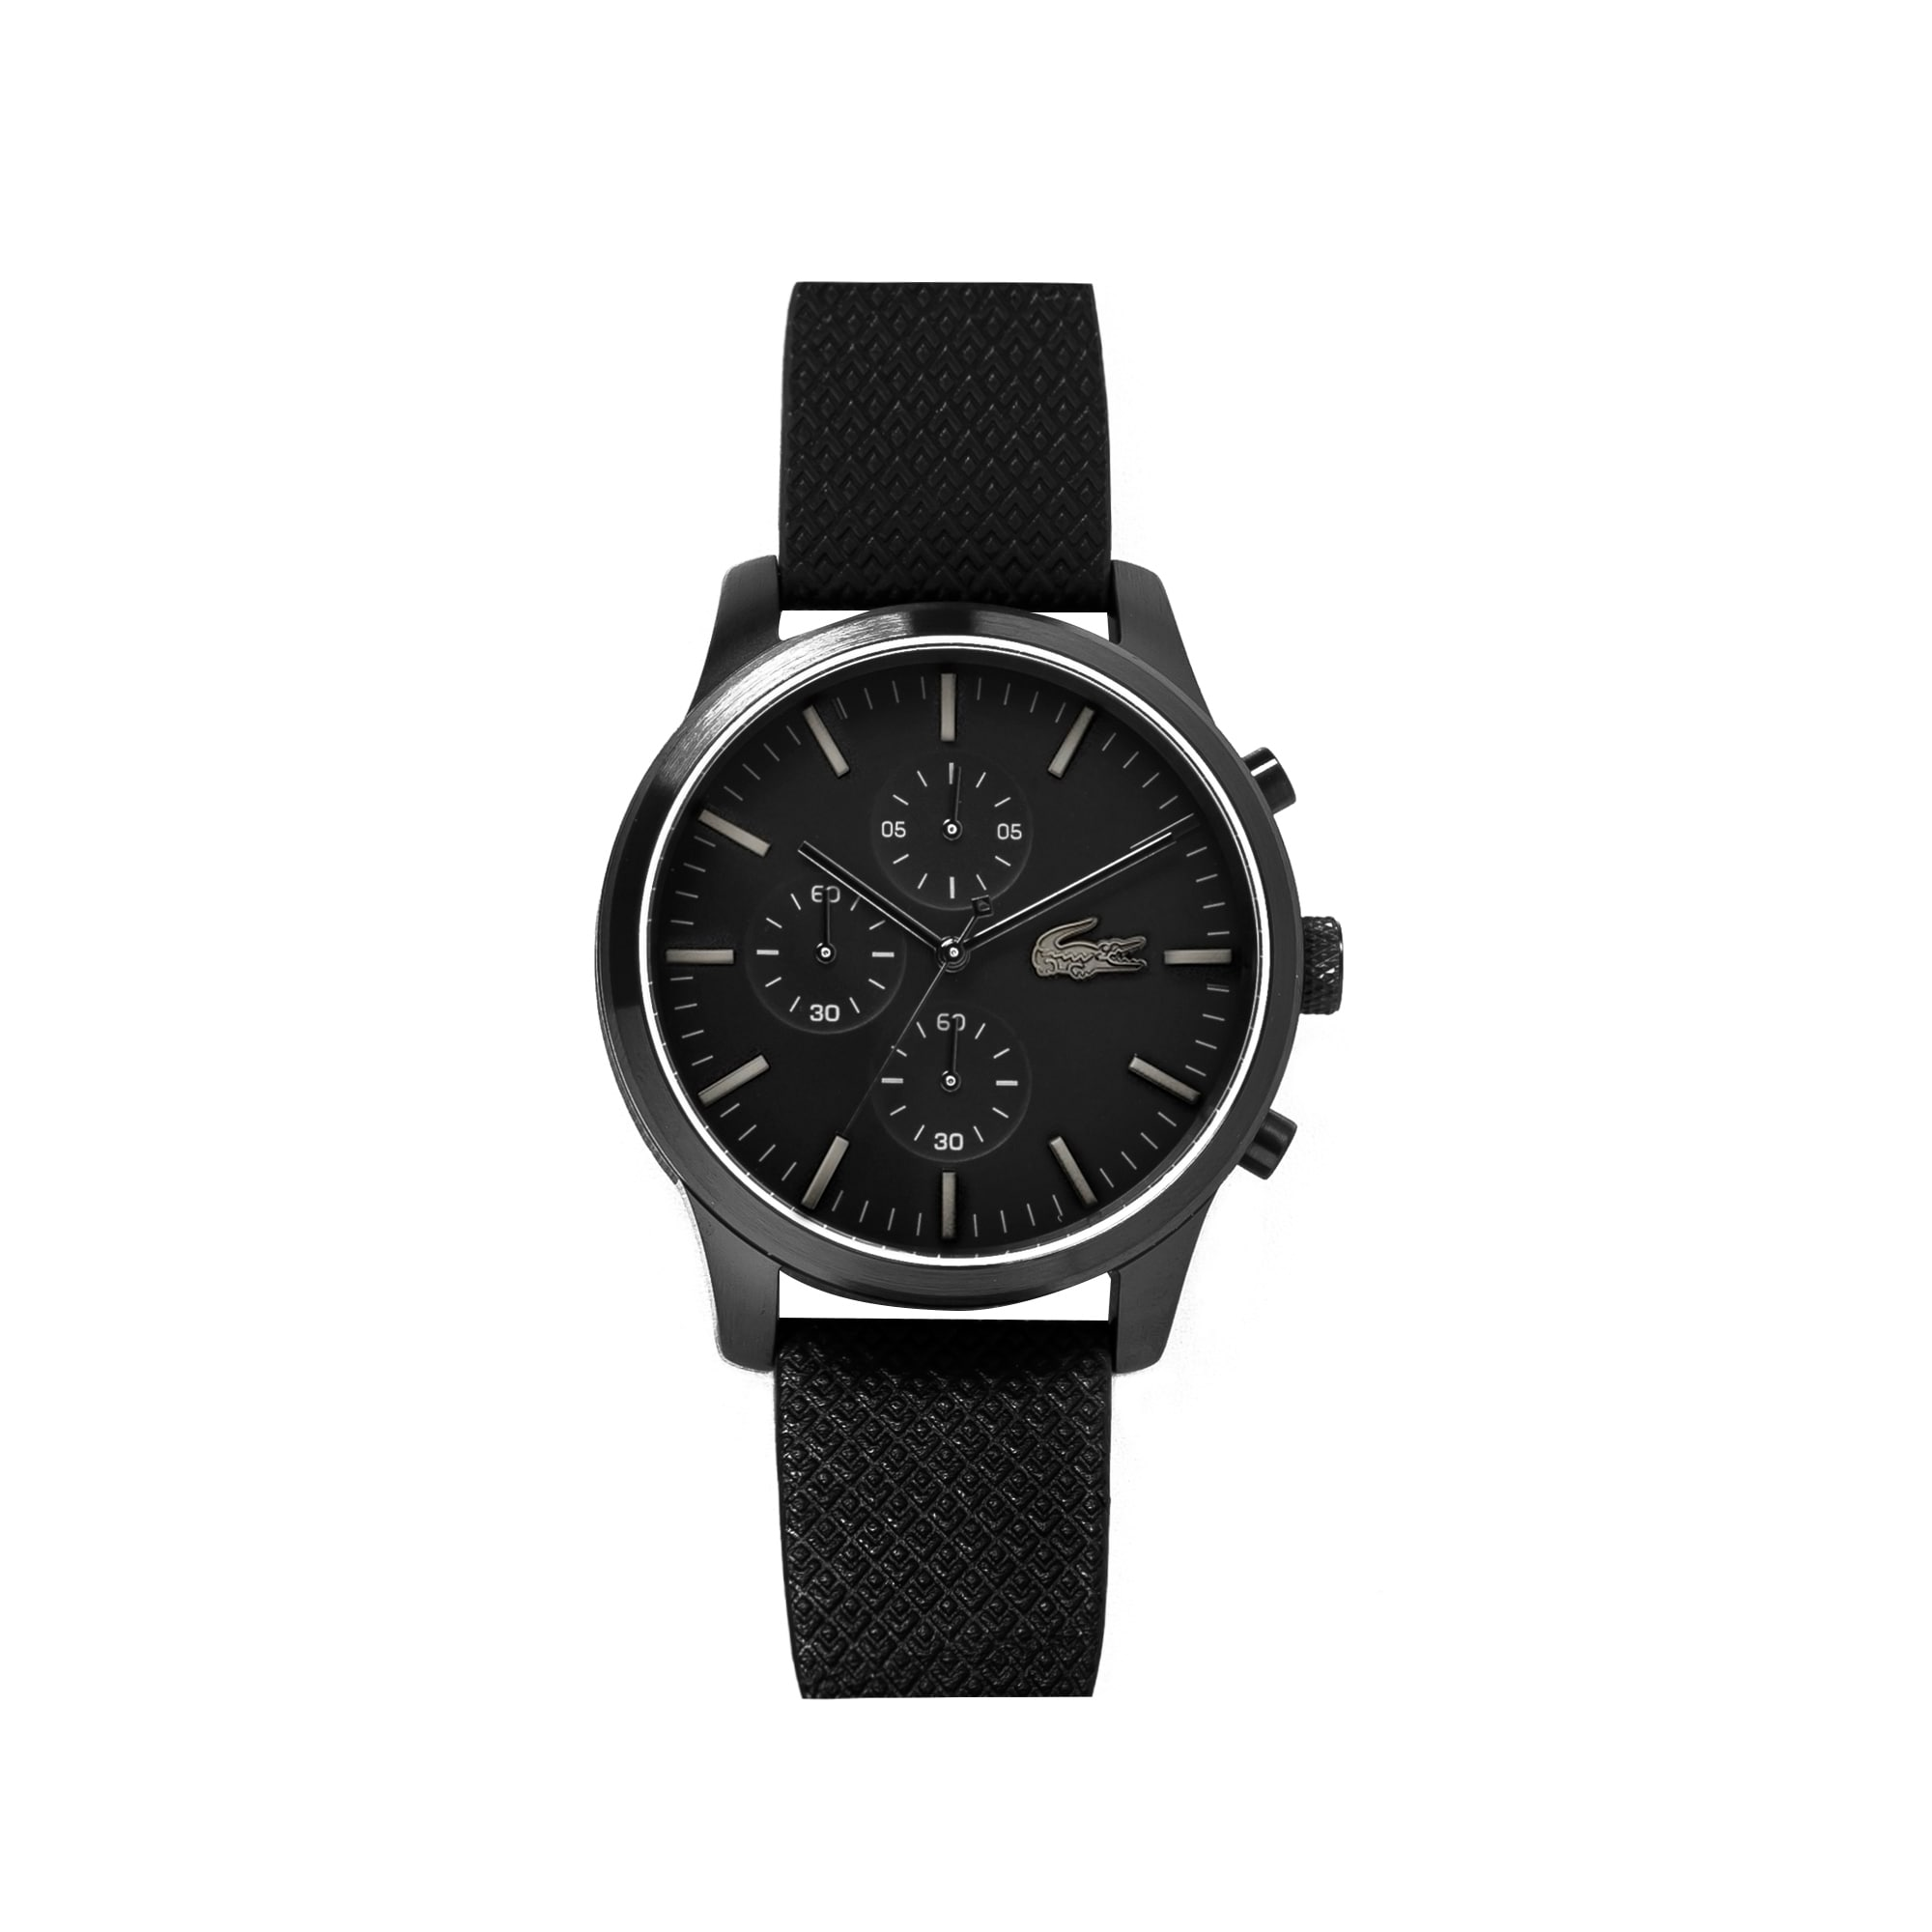 (남성) 85주년 한정판 라코스테 12.12 블랙 엠보싱 가죽 스트랩 크로노그래프 시계